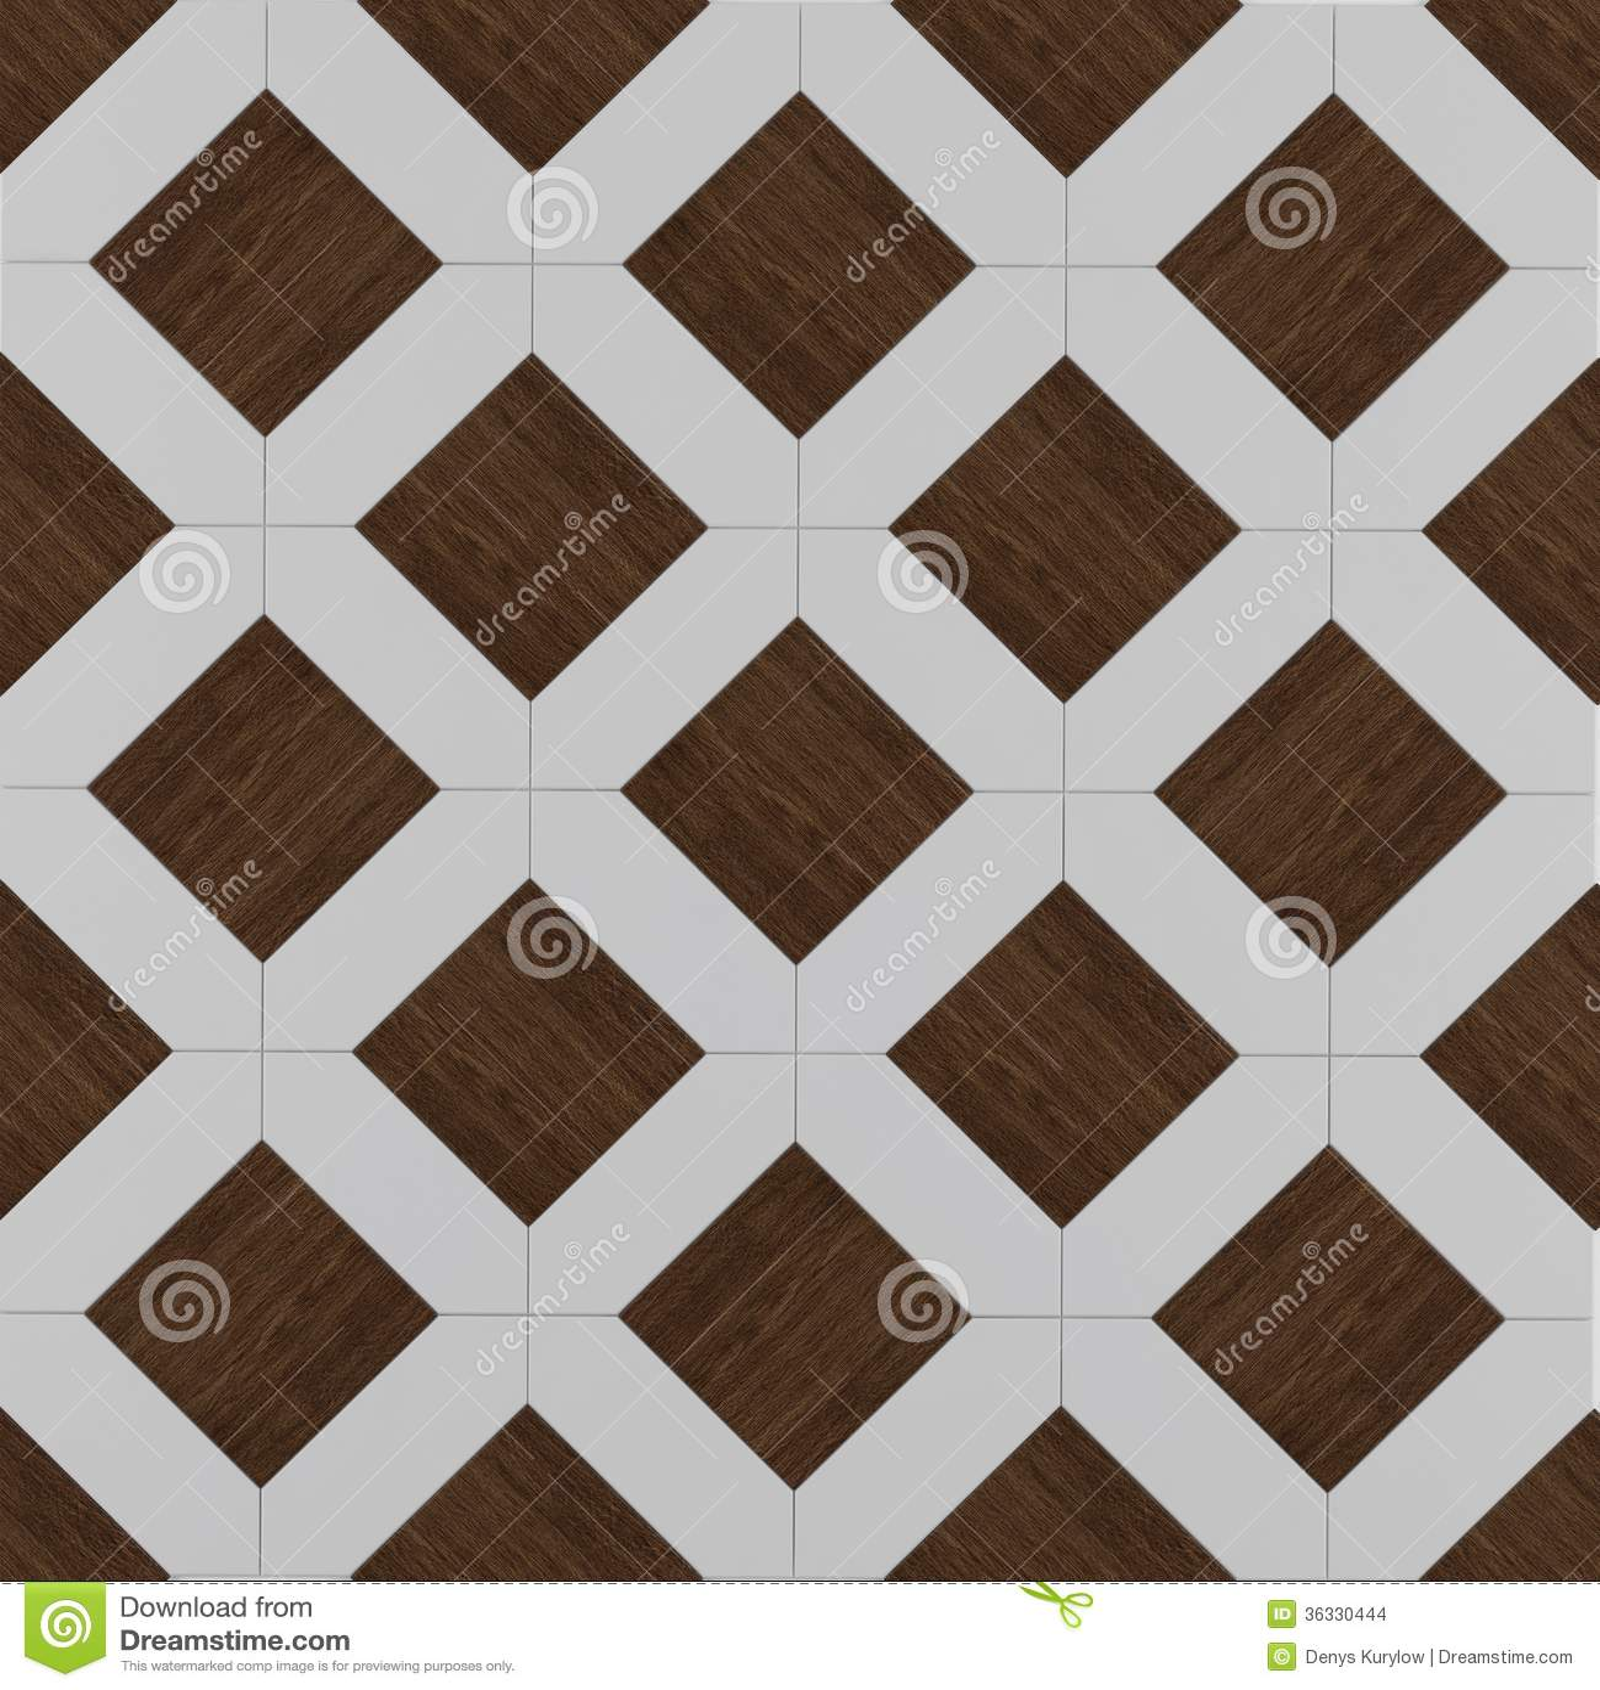 Floor Tiles Texture